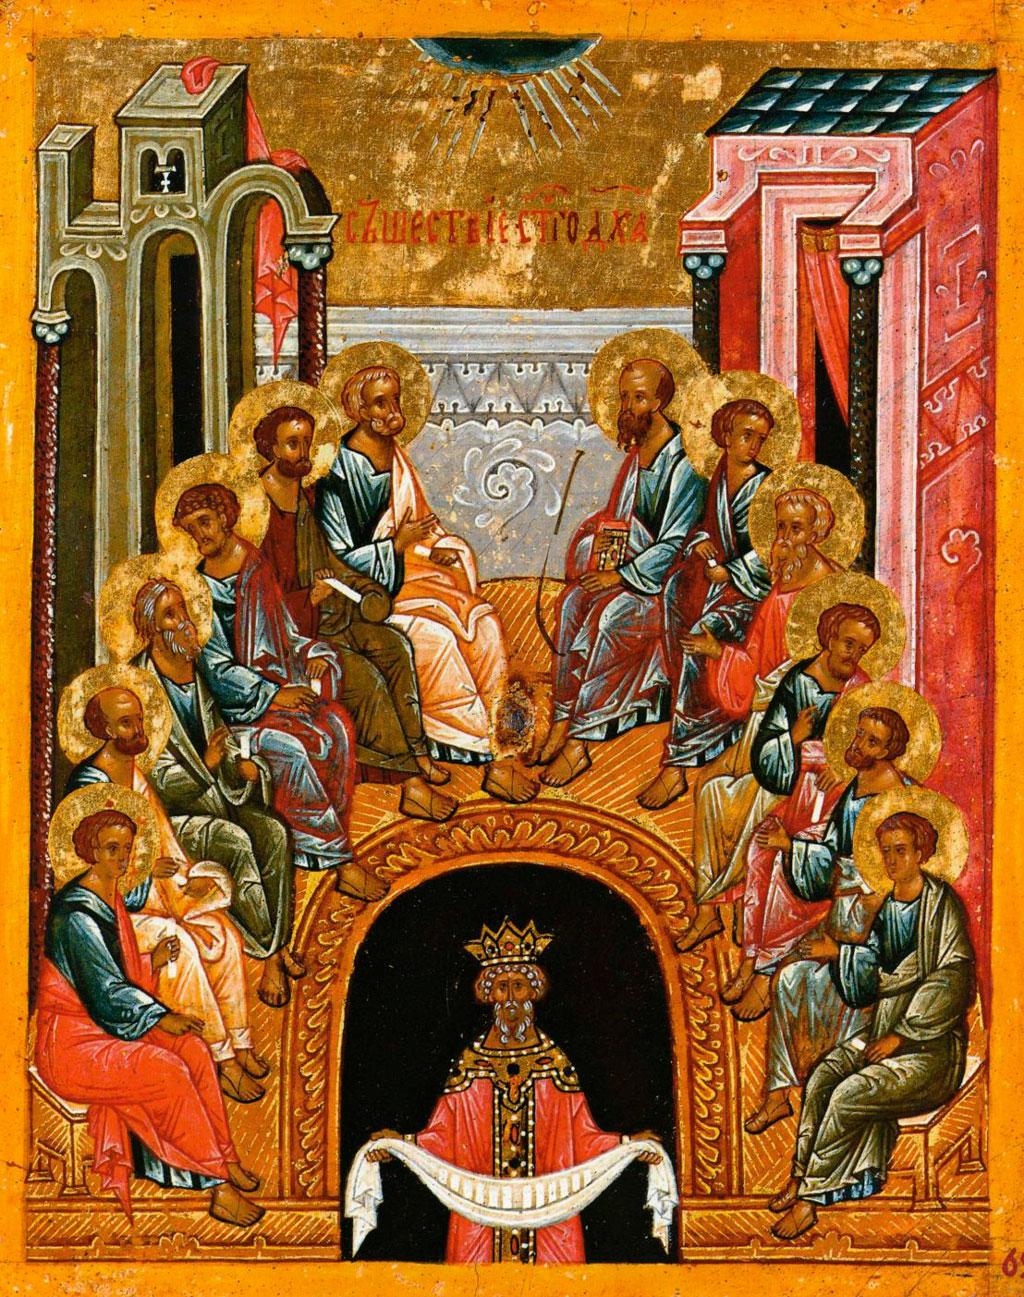 7 июня 2020: день святой троицы – пятидесятница     братская епархия - официальный сайт